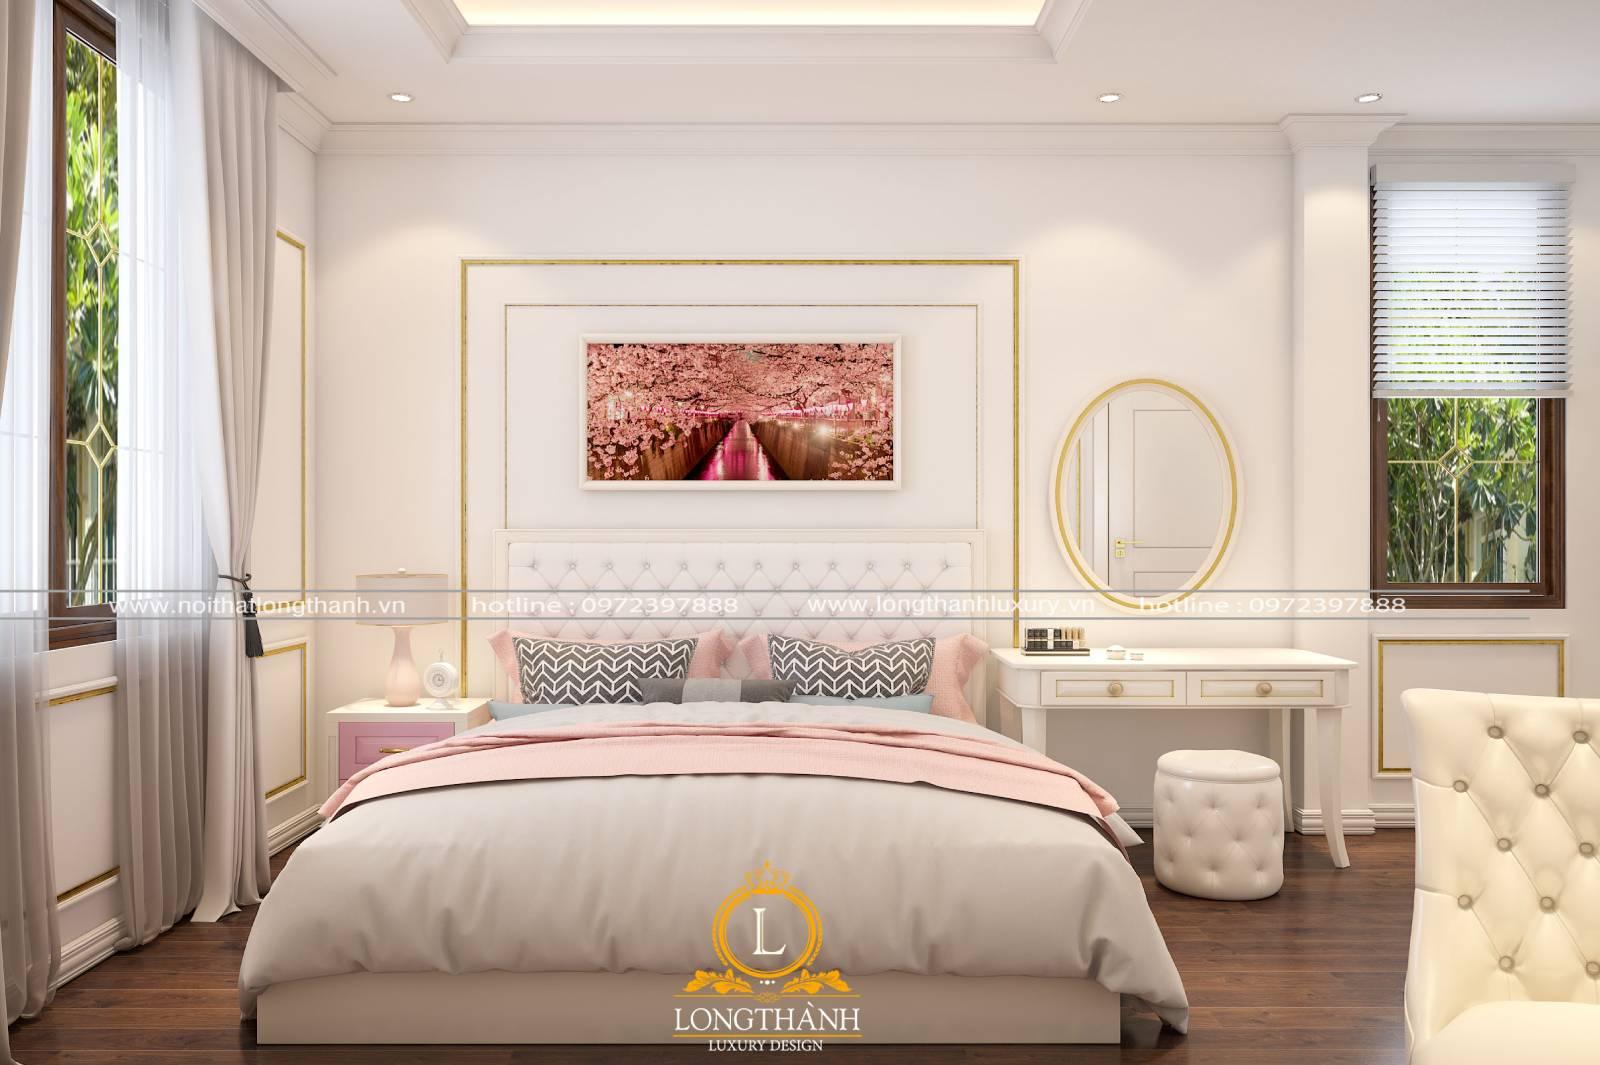 Nội thất phòng ngủ tân cổ điển màu trắng đẹp tinh tế dành cho các bé gái